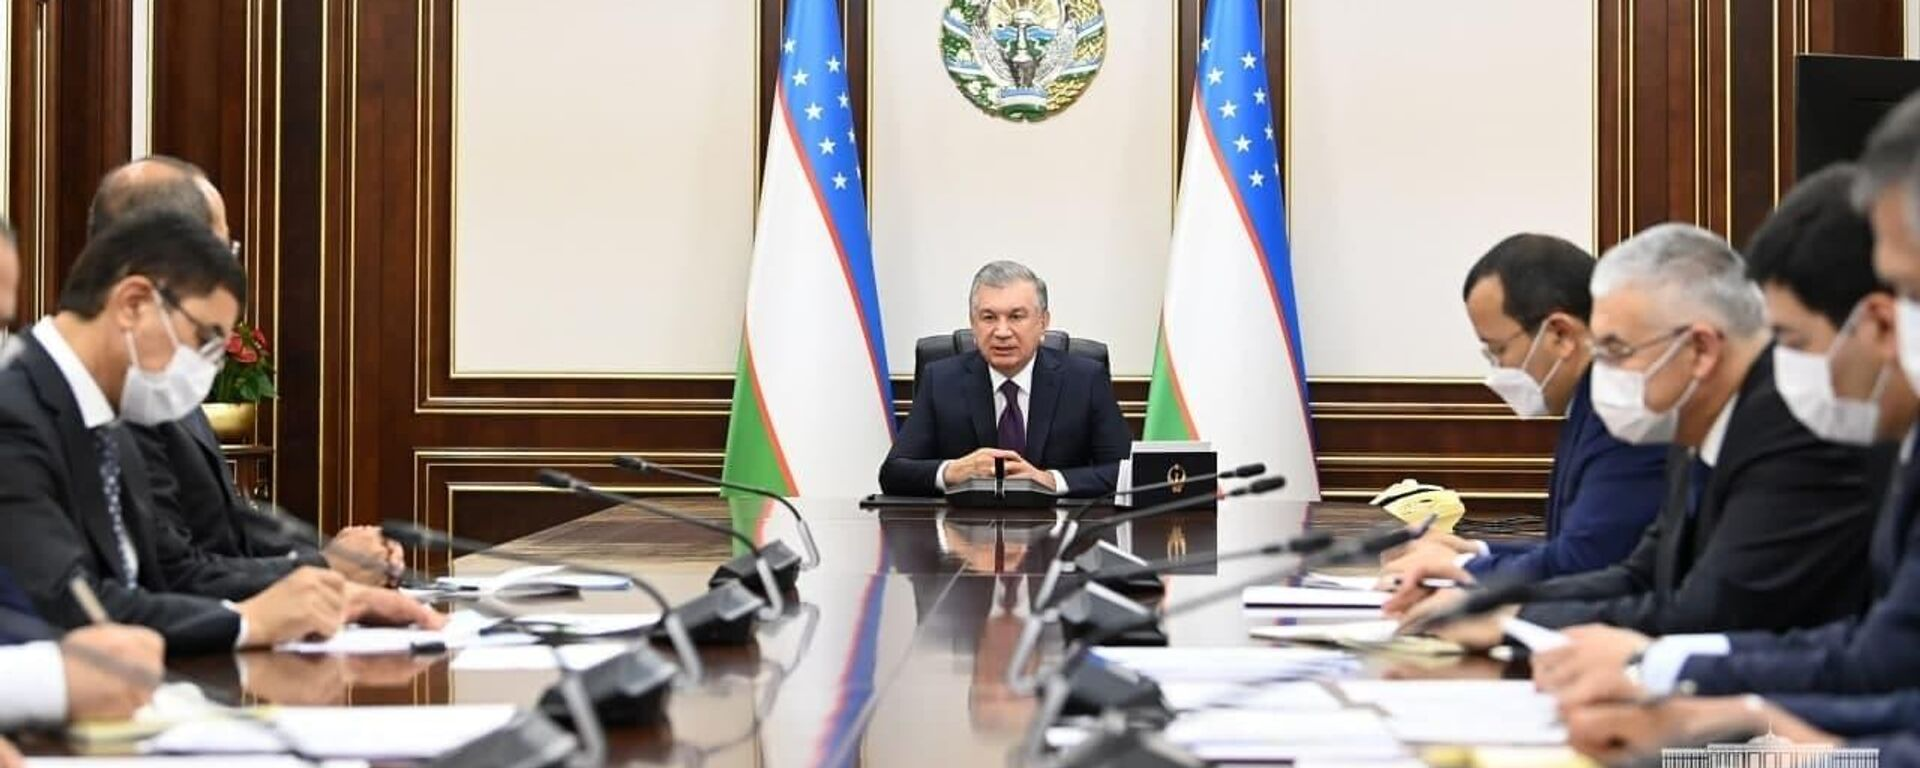 Совещание у президента - Sputnik Узбекистан, 1920, 29.06.2021